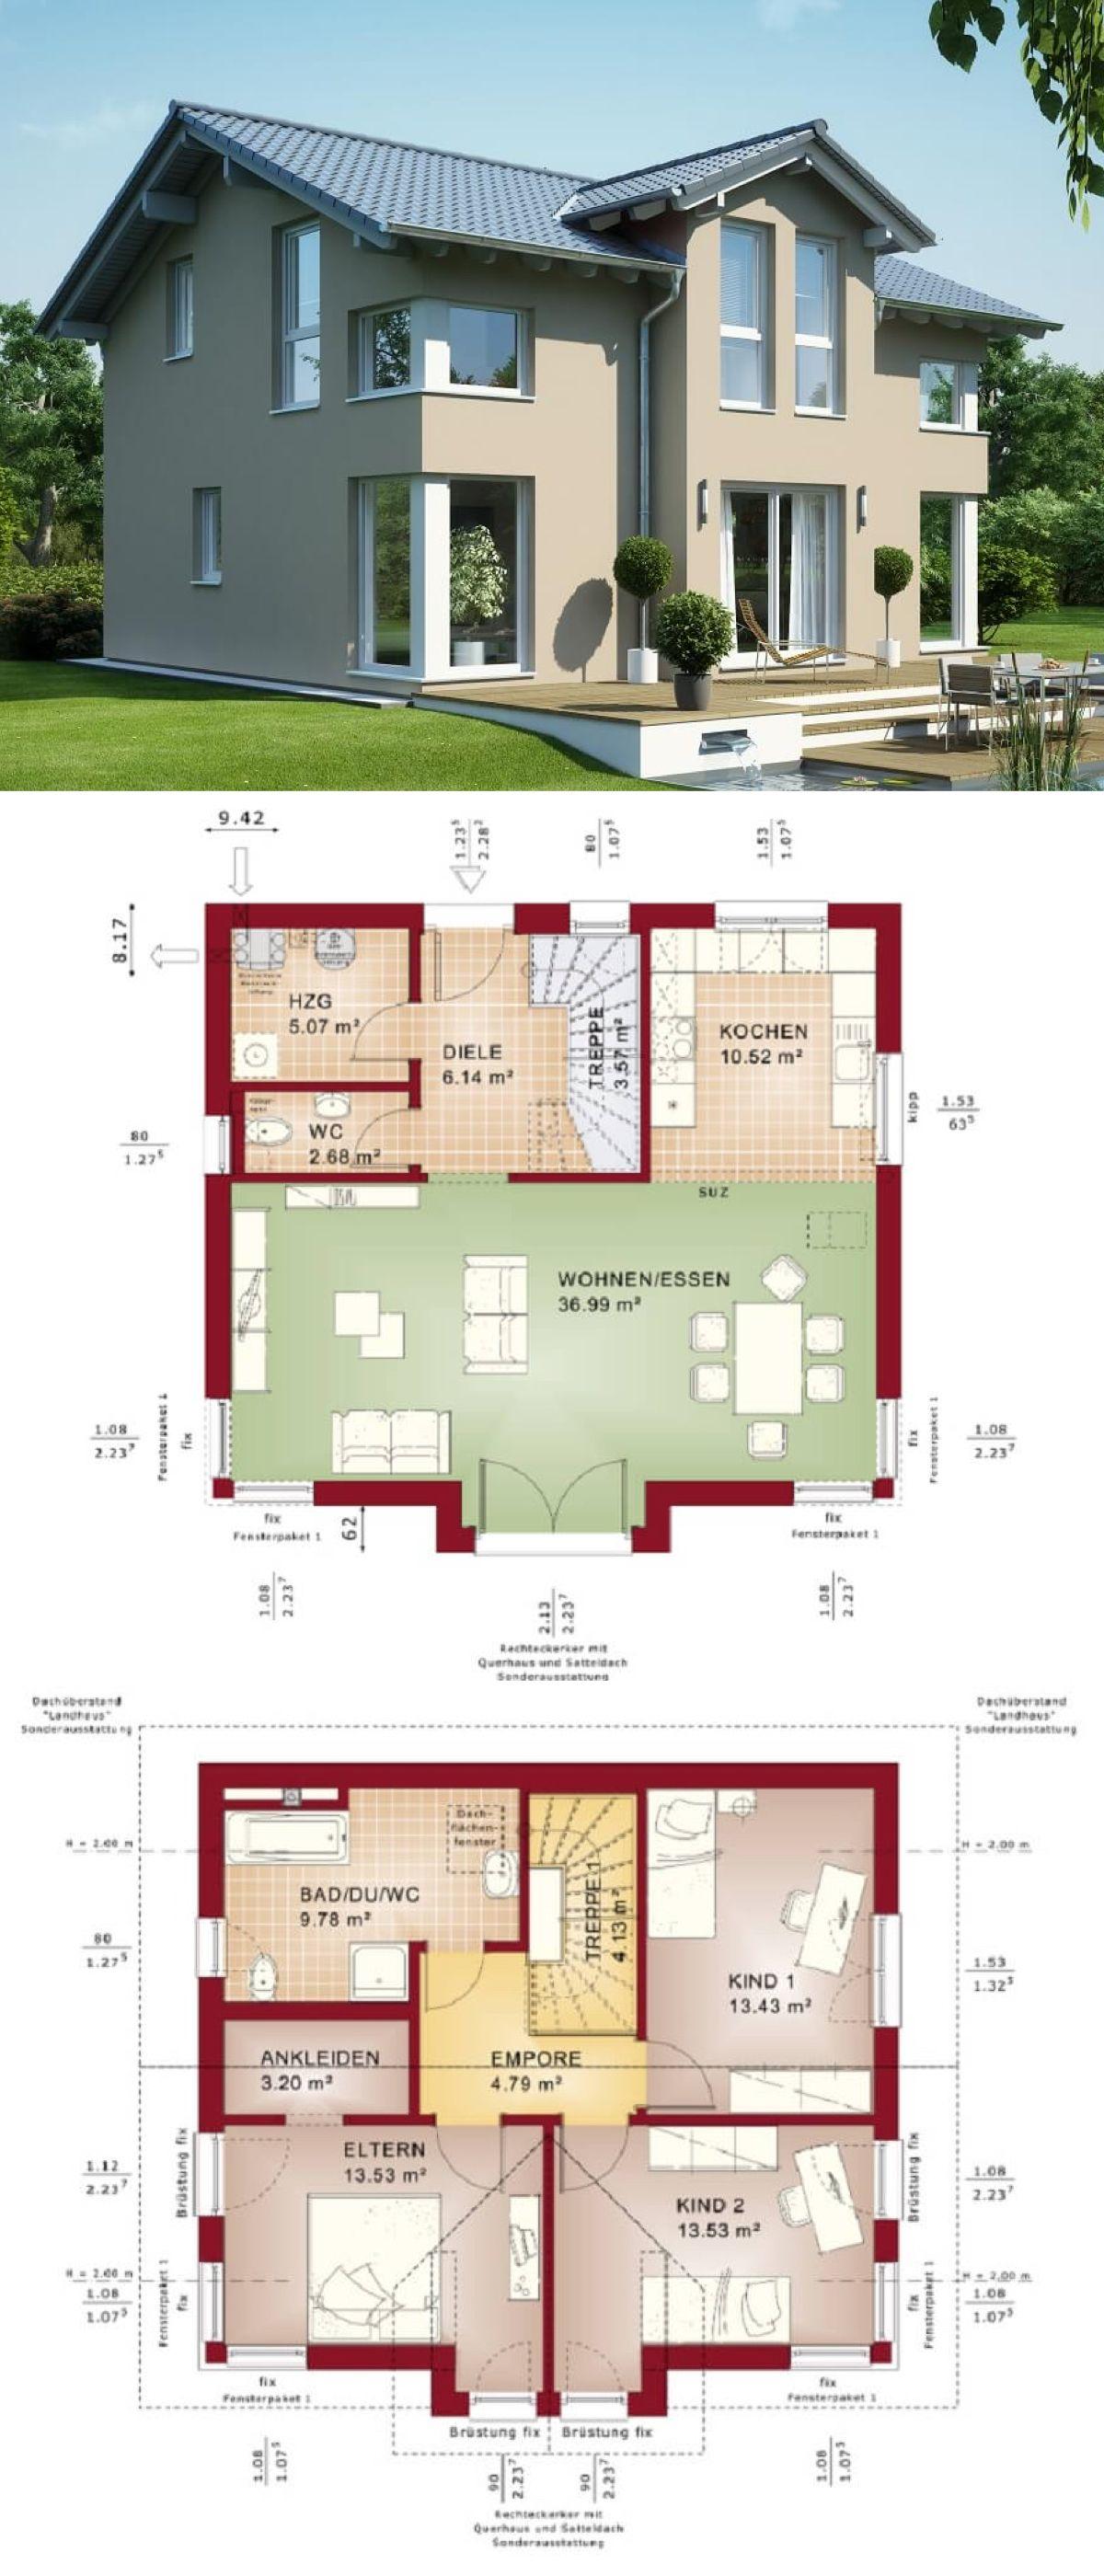 Einfamilienhaus Architektur Mit Satteldach Querhaus Haus Bauen